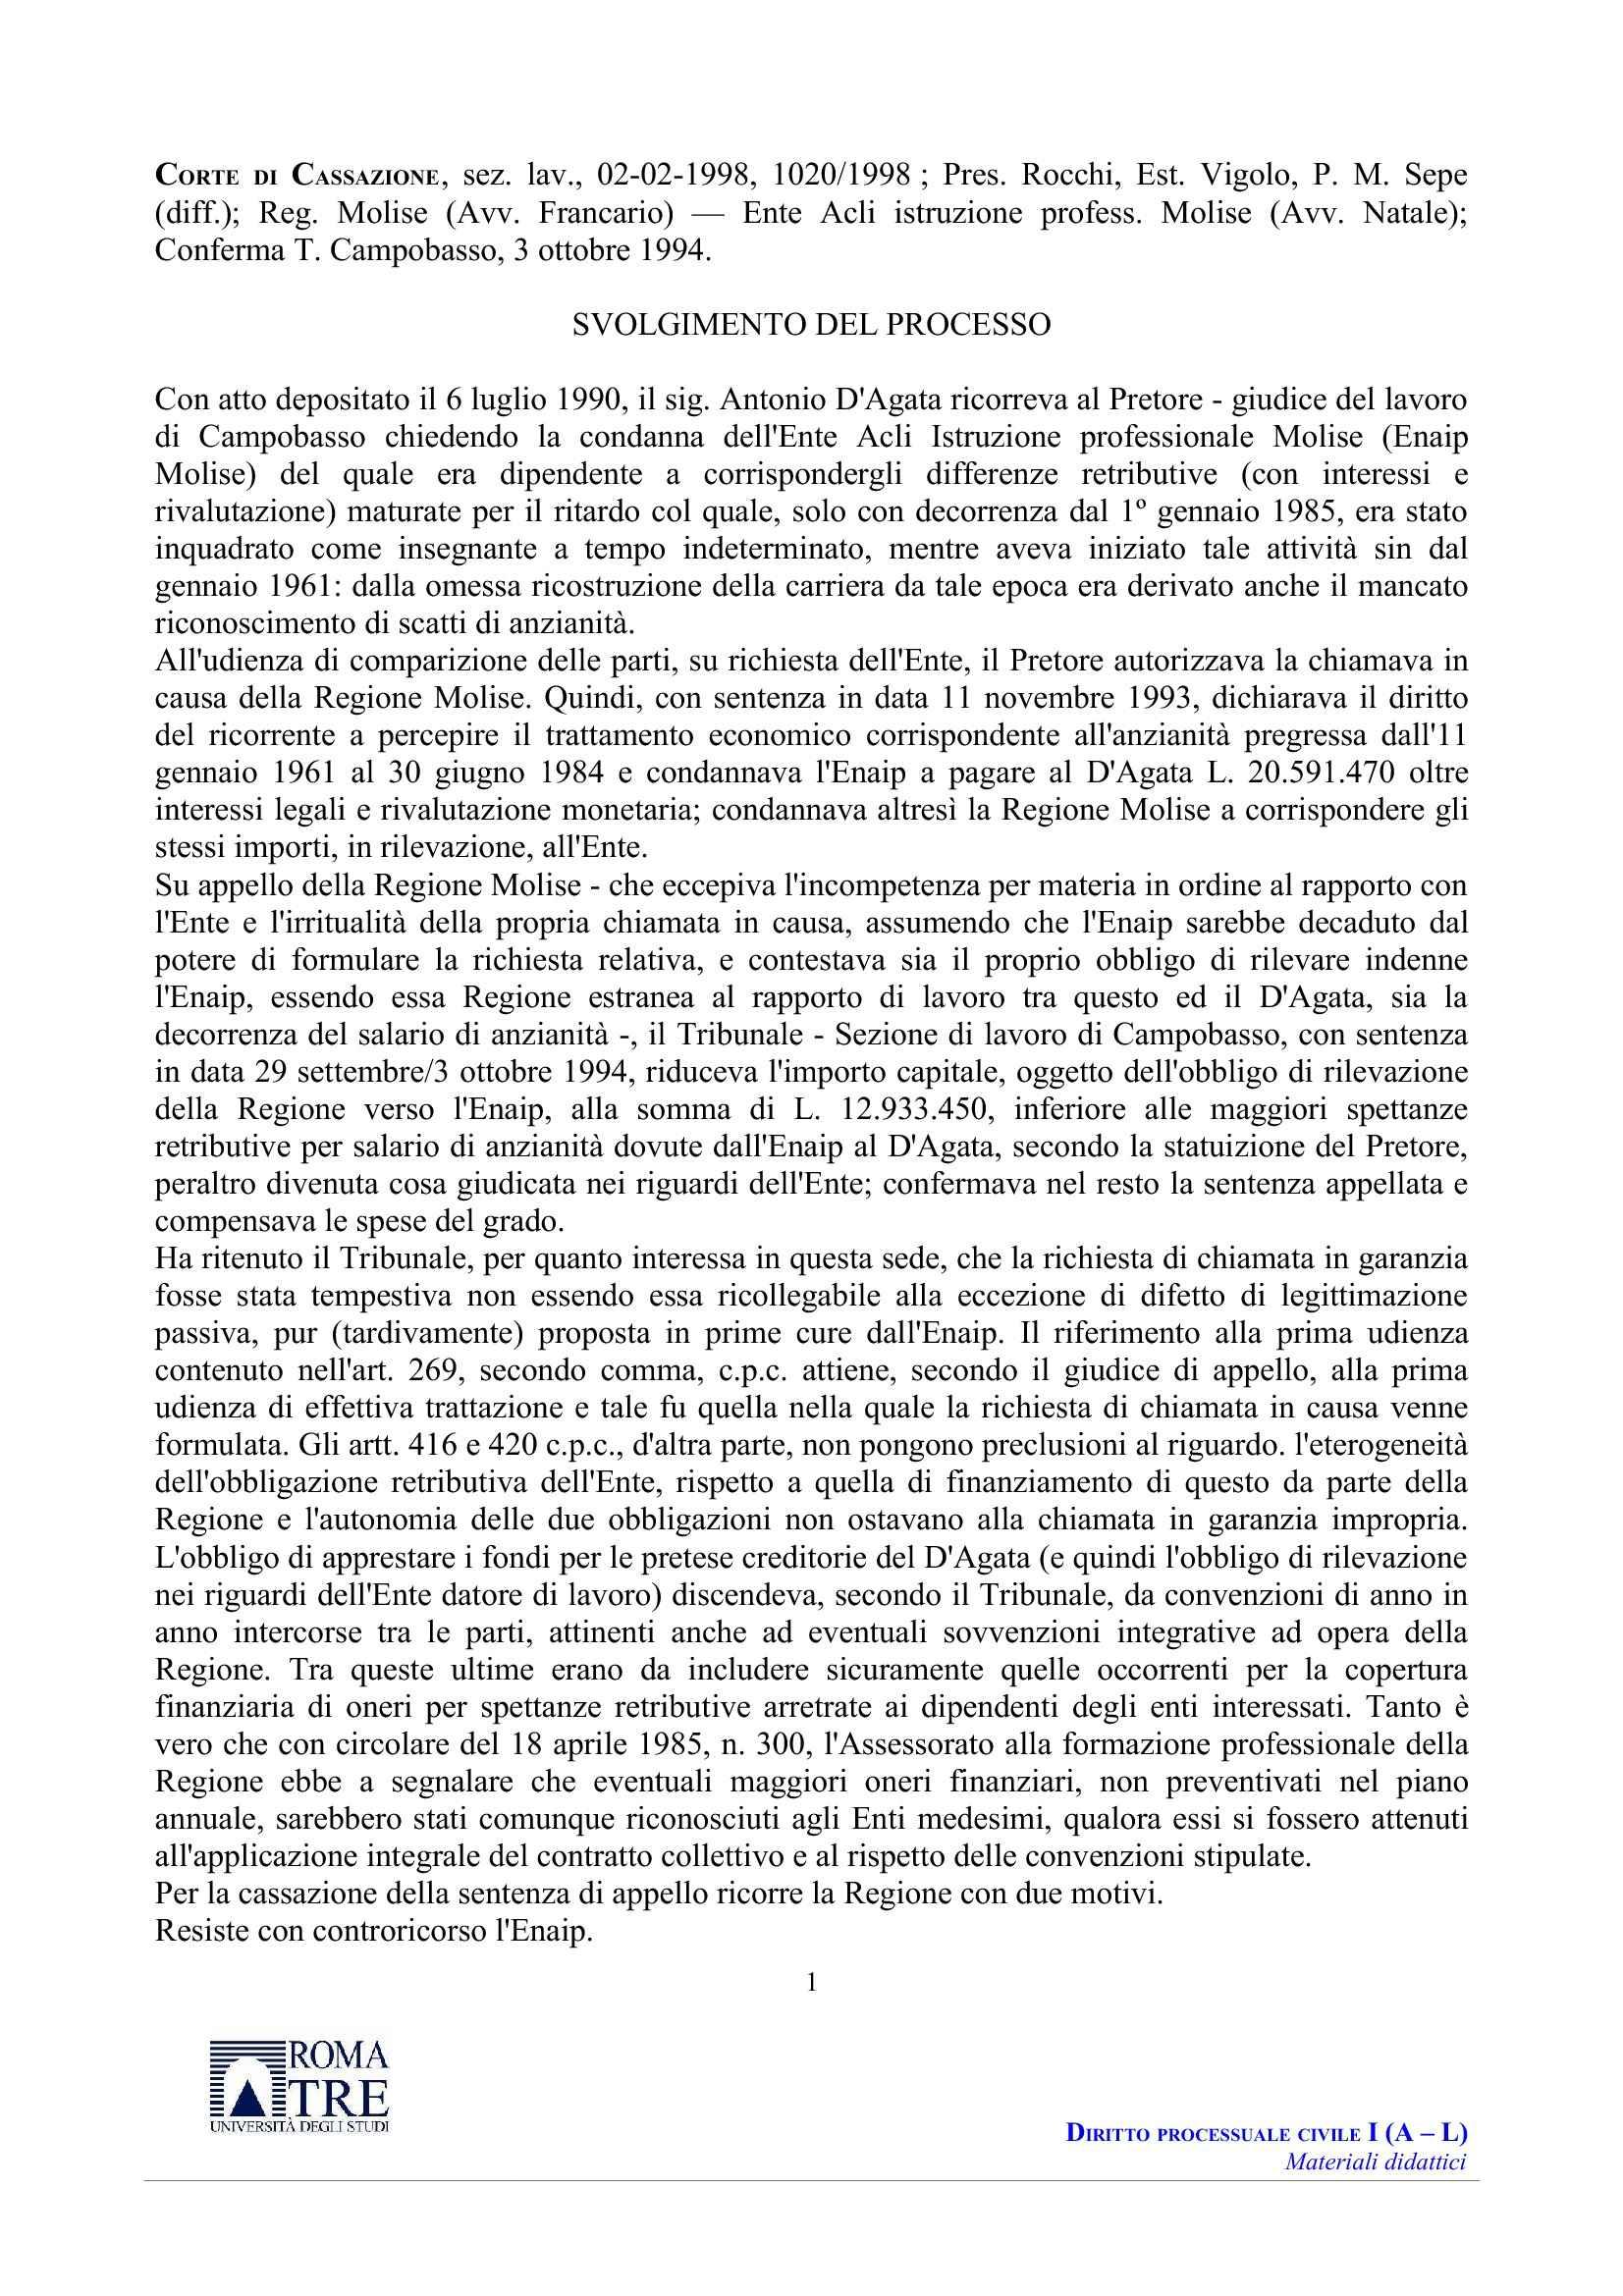 Chiamata in garanzia - C. Cass.  n. 1020/98